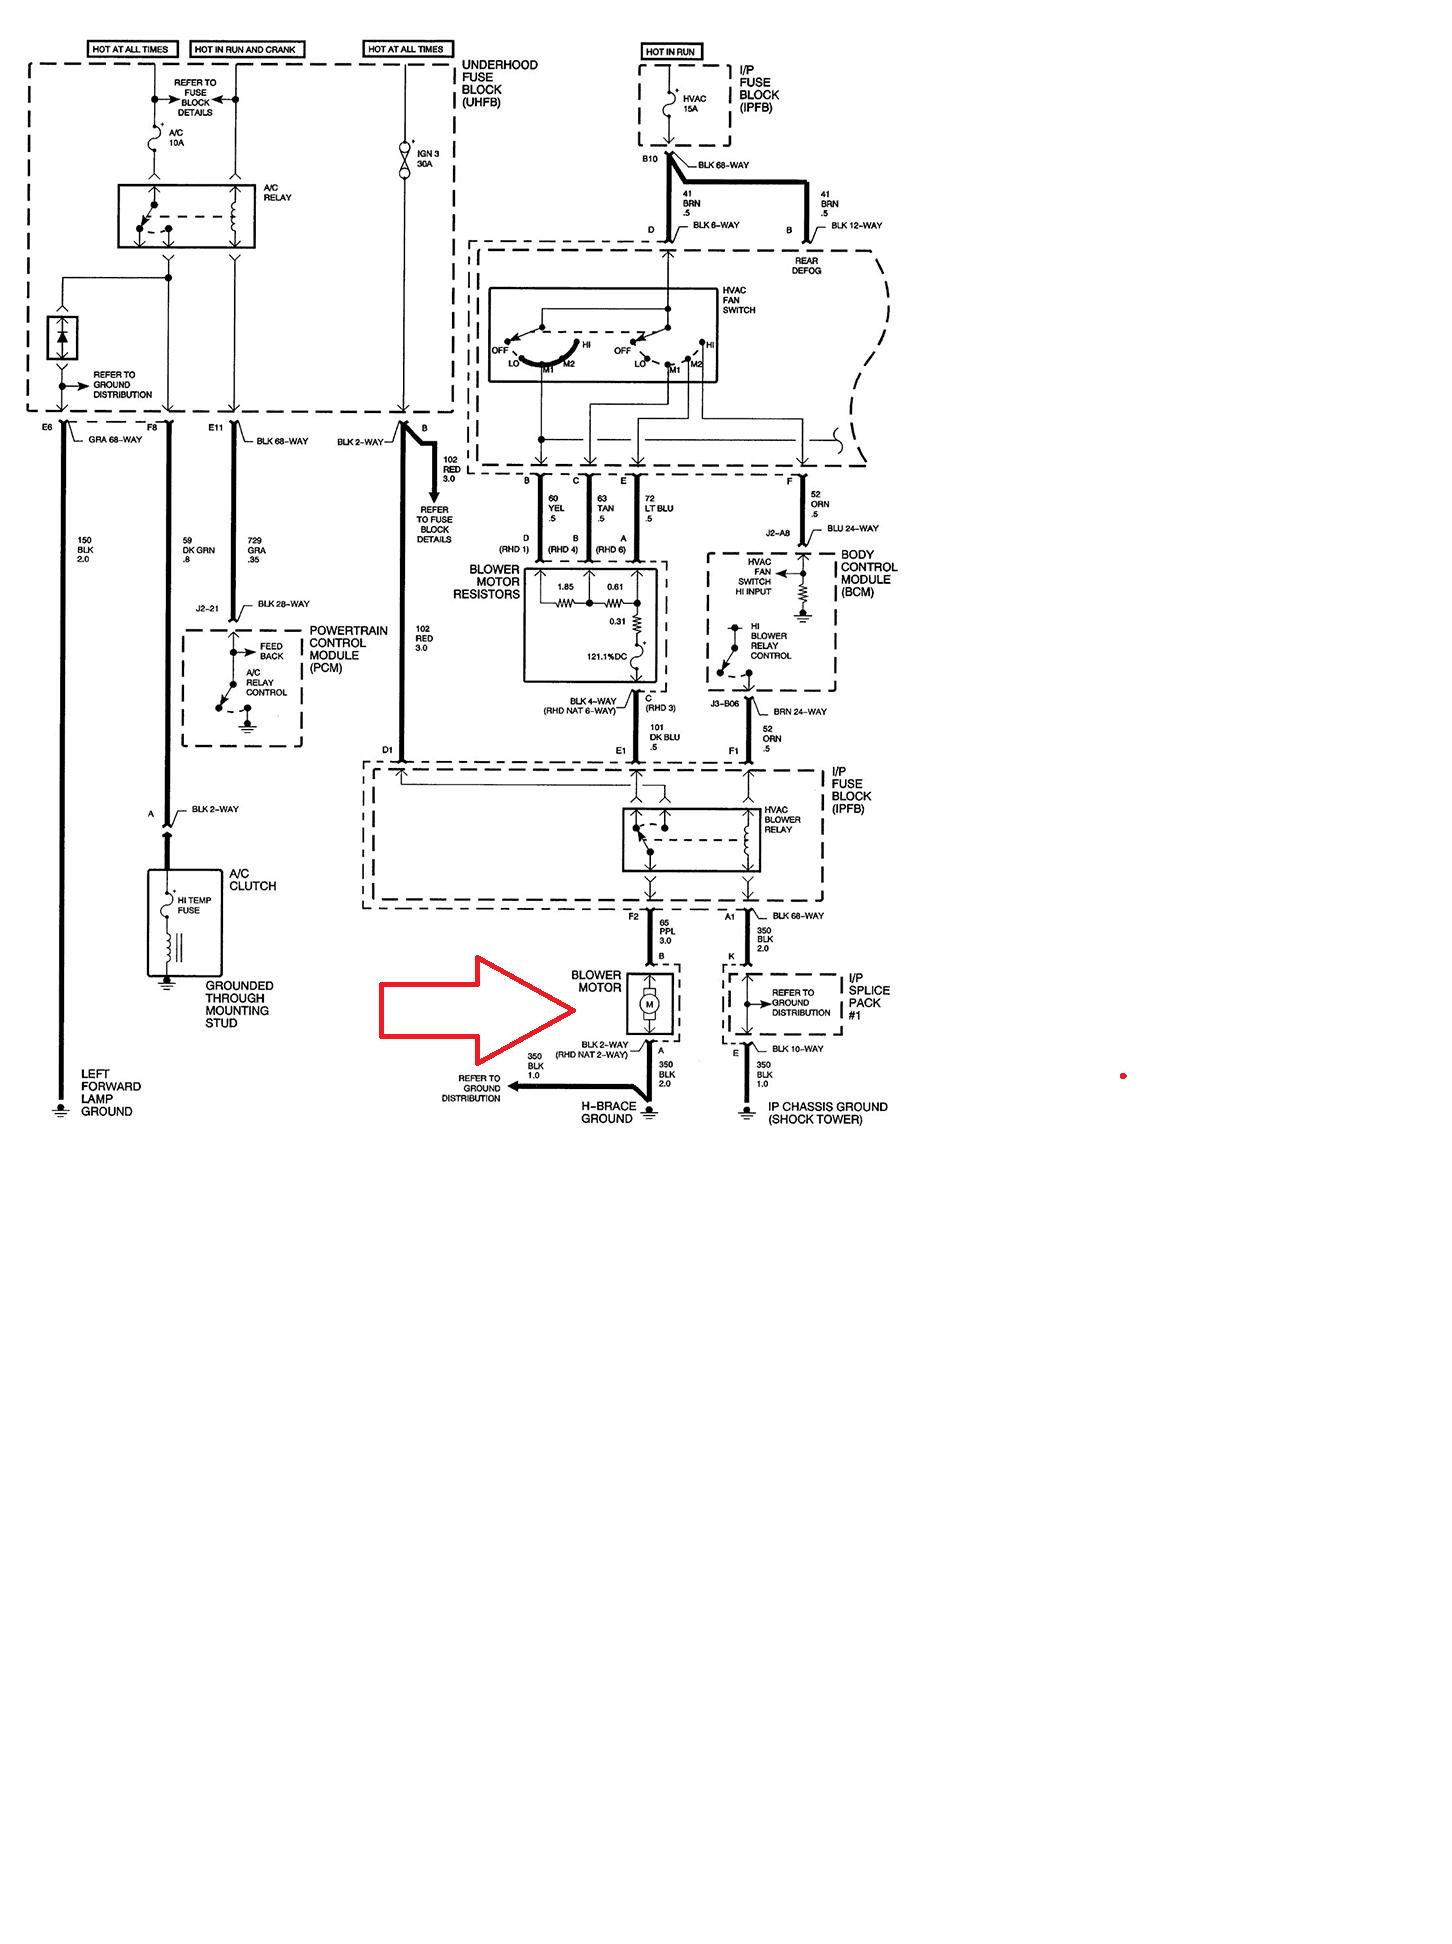 2001saturn Sl1 Ignition Wiring Diagram